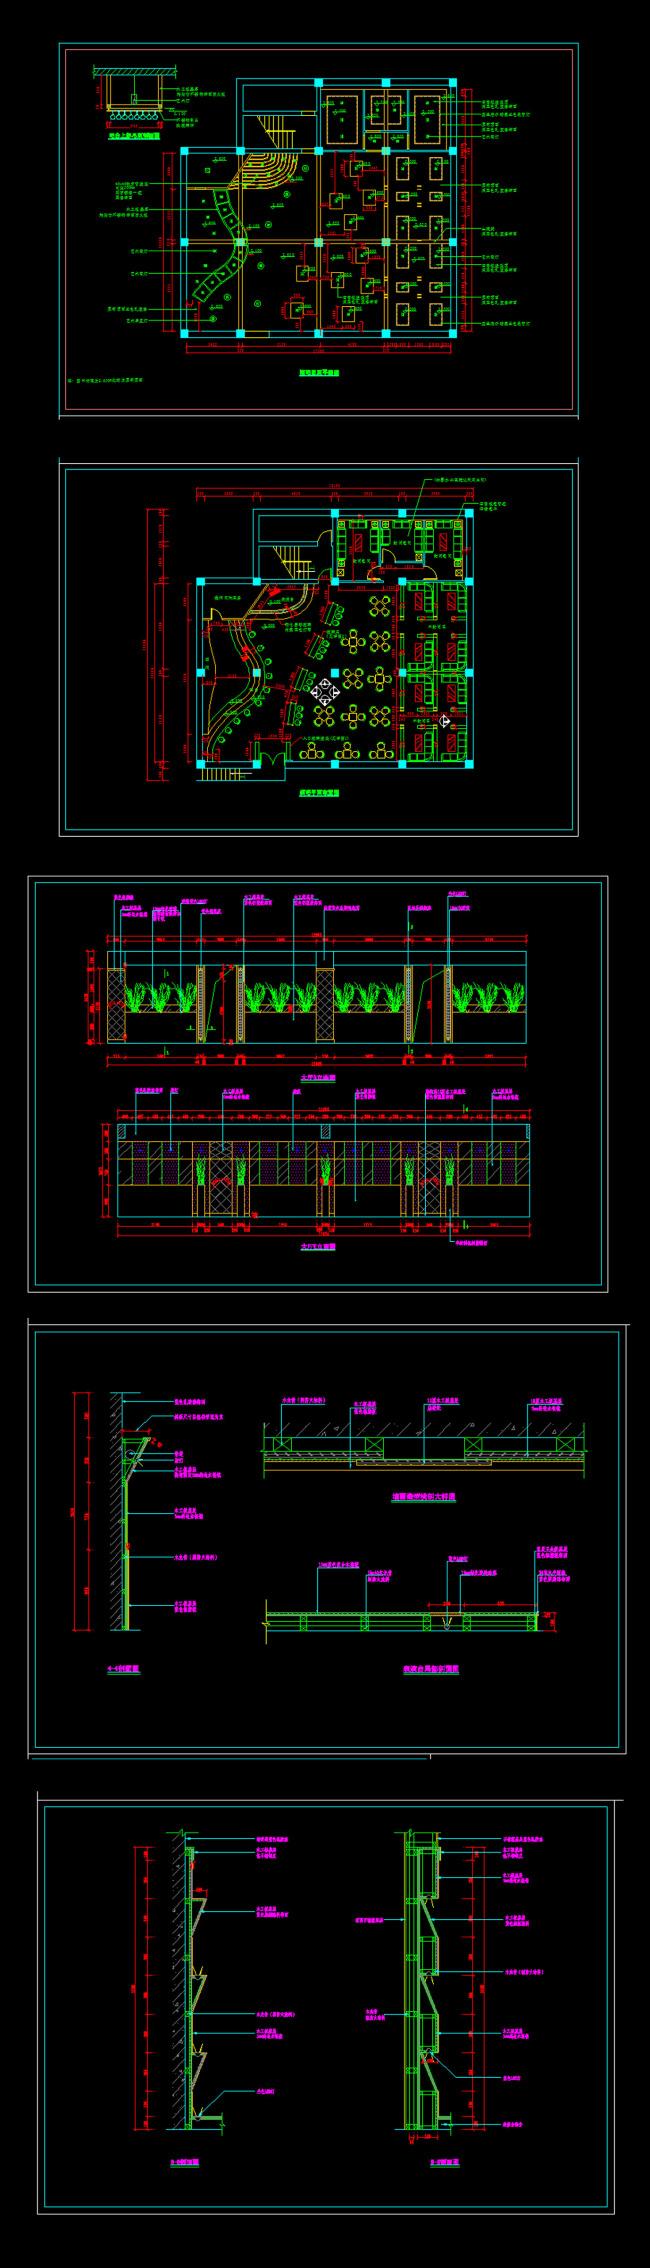 我图网提供精品流行酒吧室内装饰CAD施工图素材下载,作品模板源文件可以编辑替换,设计作品简介: 酒吧室内装饰CAD施工图,模式:RGB格式高清大图, 建筑施工图 室内装修施工图 吧类空间装修施工图 酒吧室内装饰CAD施工图 酒吧CAD图纸 平面图 立面图